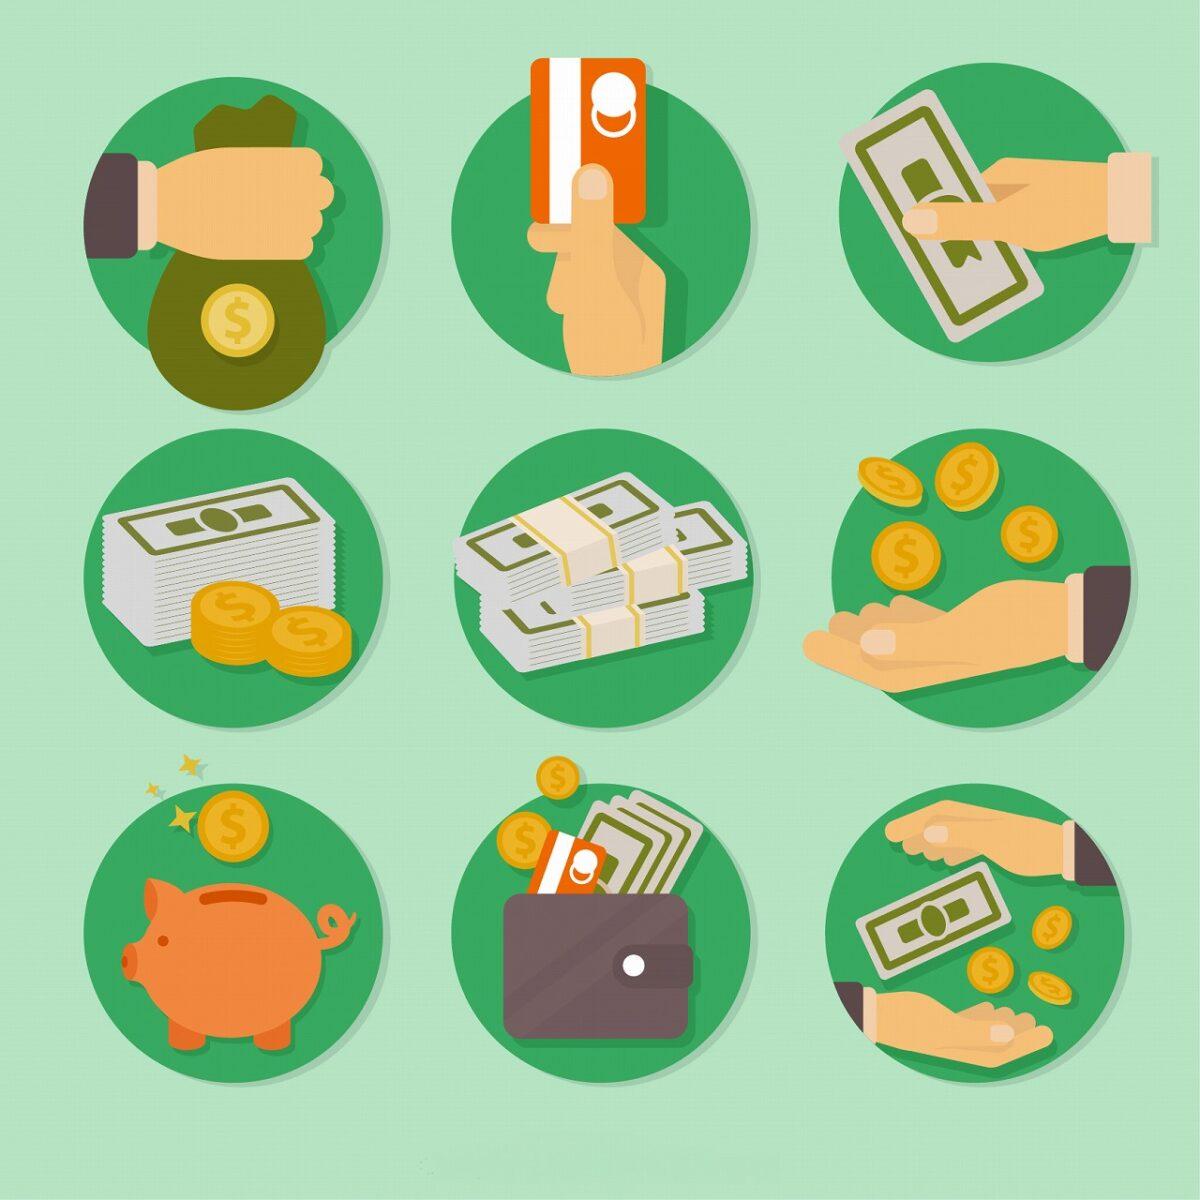 お金に働いてもらう!お金の知識を身につけるためにおすすめする本3選